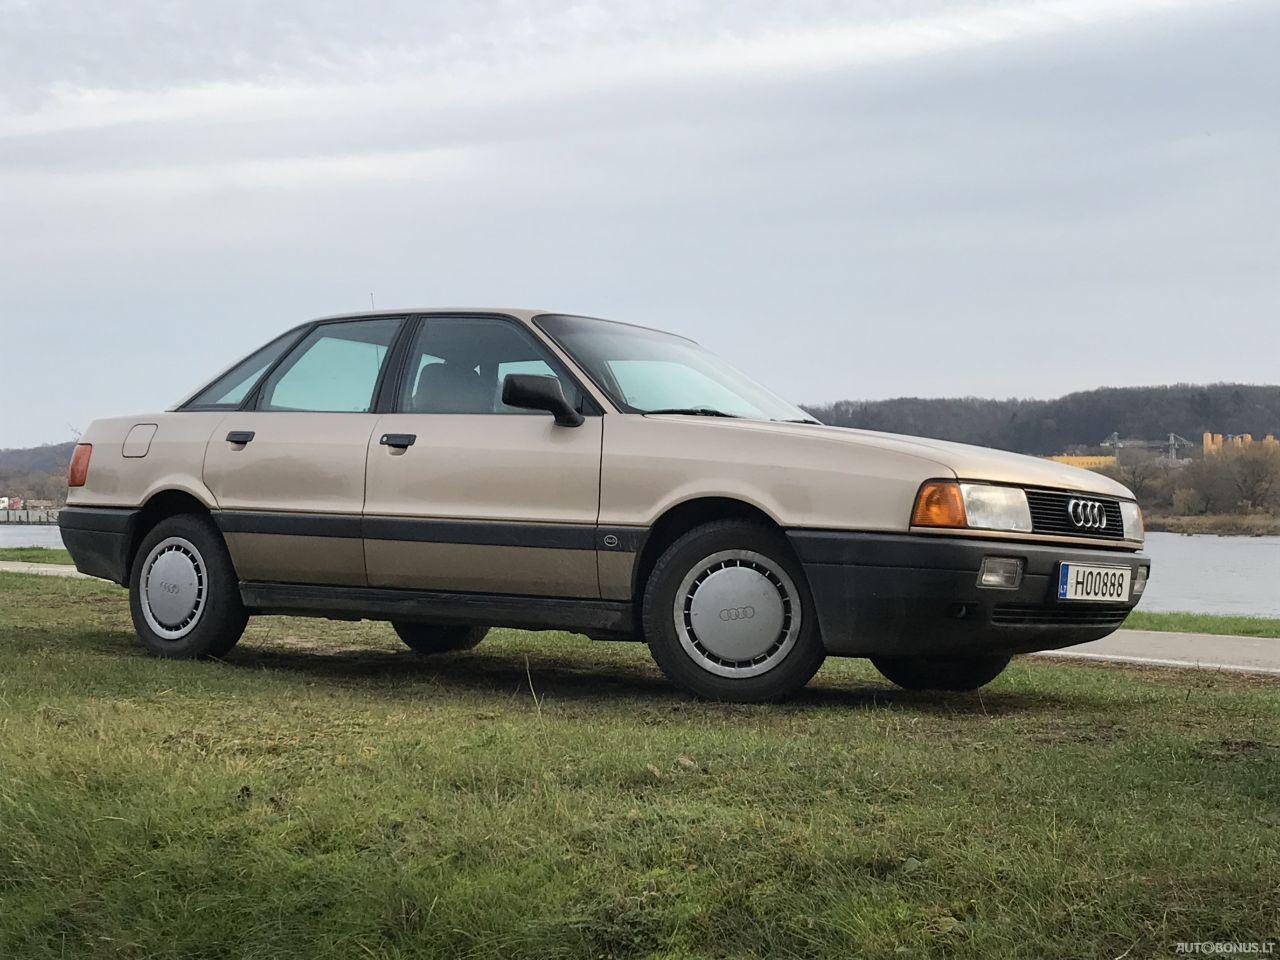 Audi 80, 1.8 l., sedanas